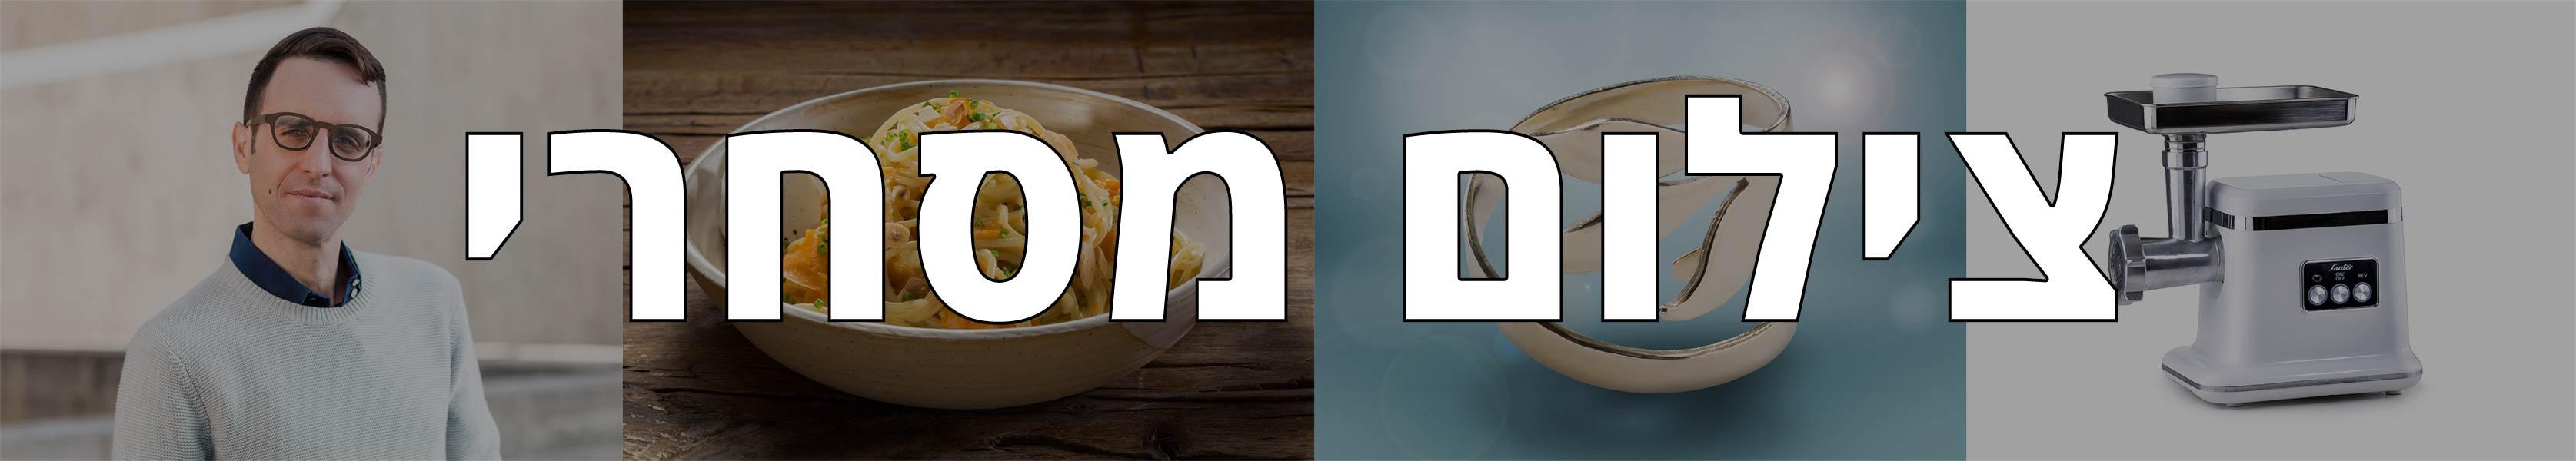 צילום מסחרי צילום מוצרים, צלם מסחרי ,צילום מזון